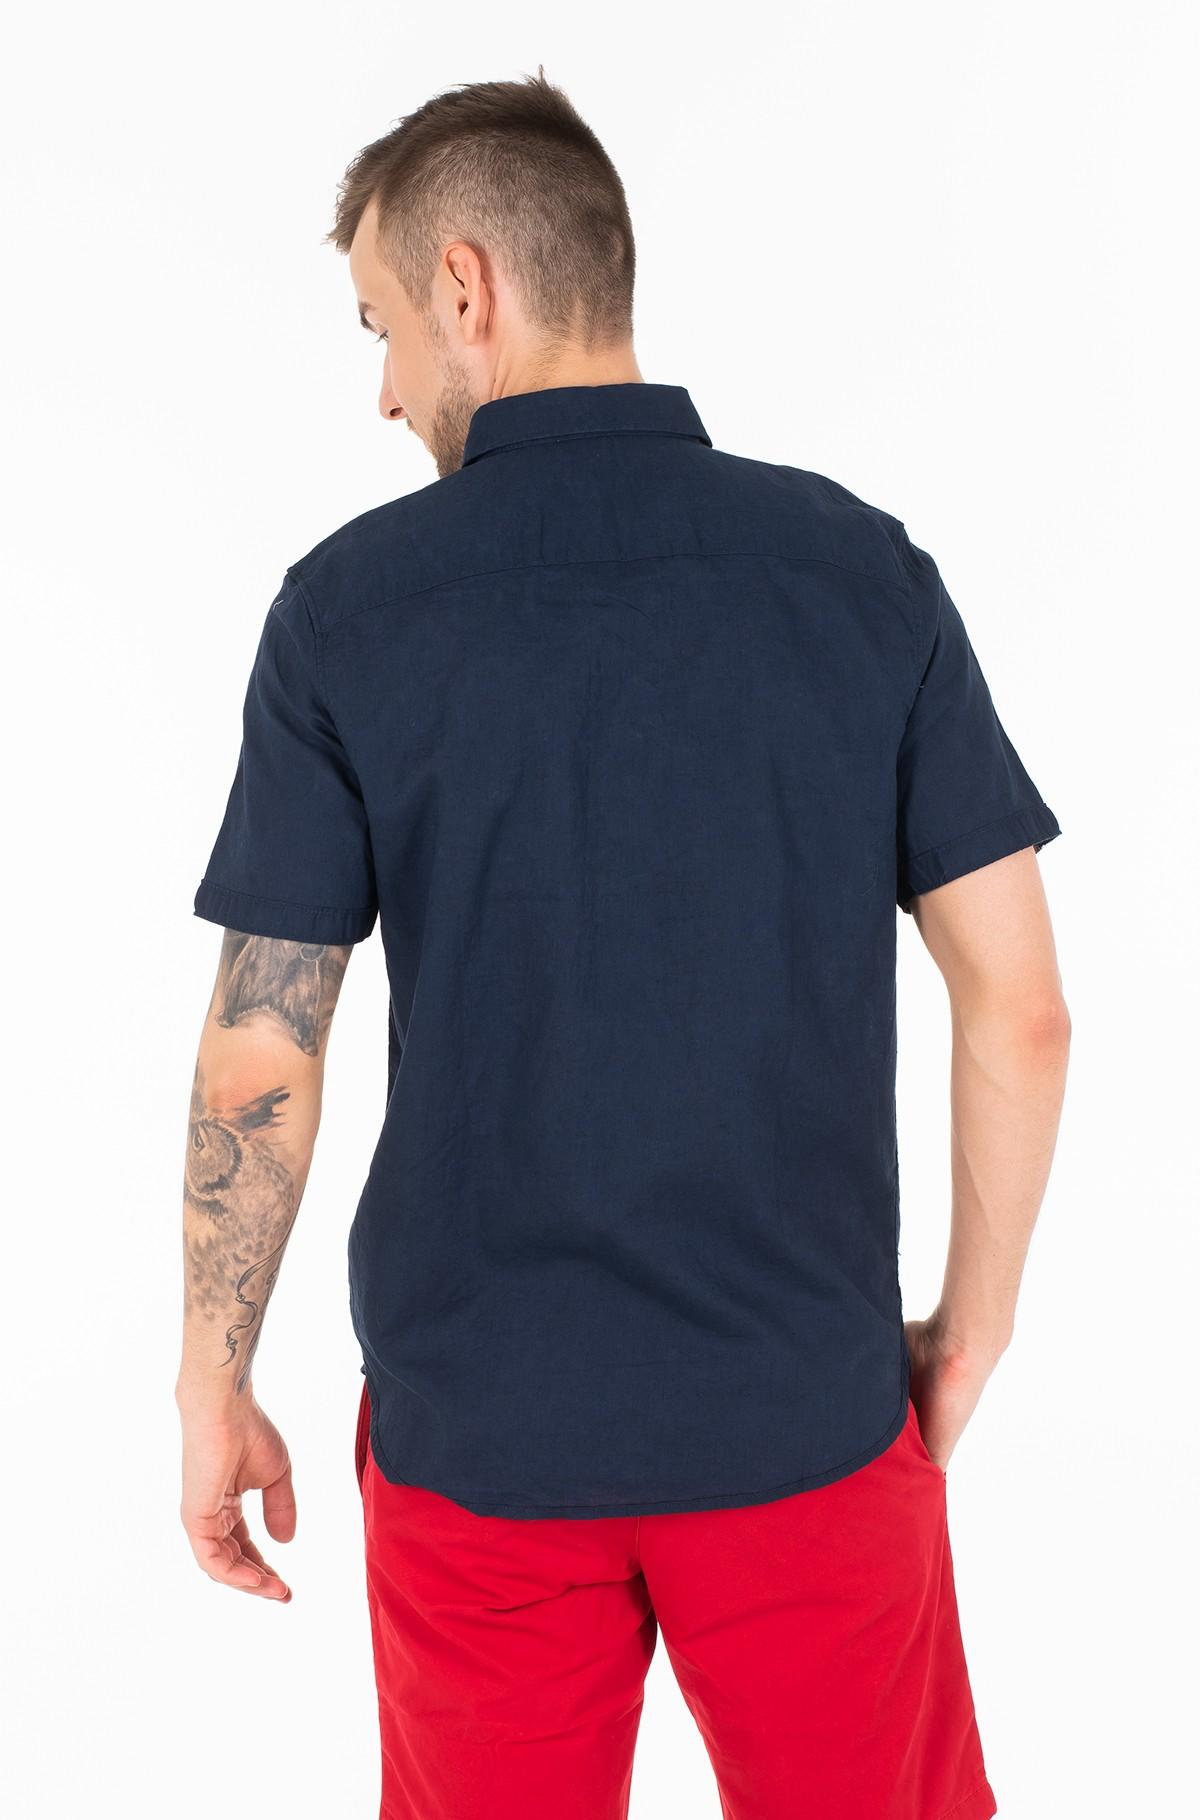 Marškiniai su trumpomis rankovėmis 1008844-full-2